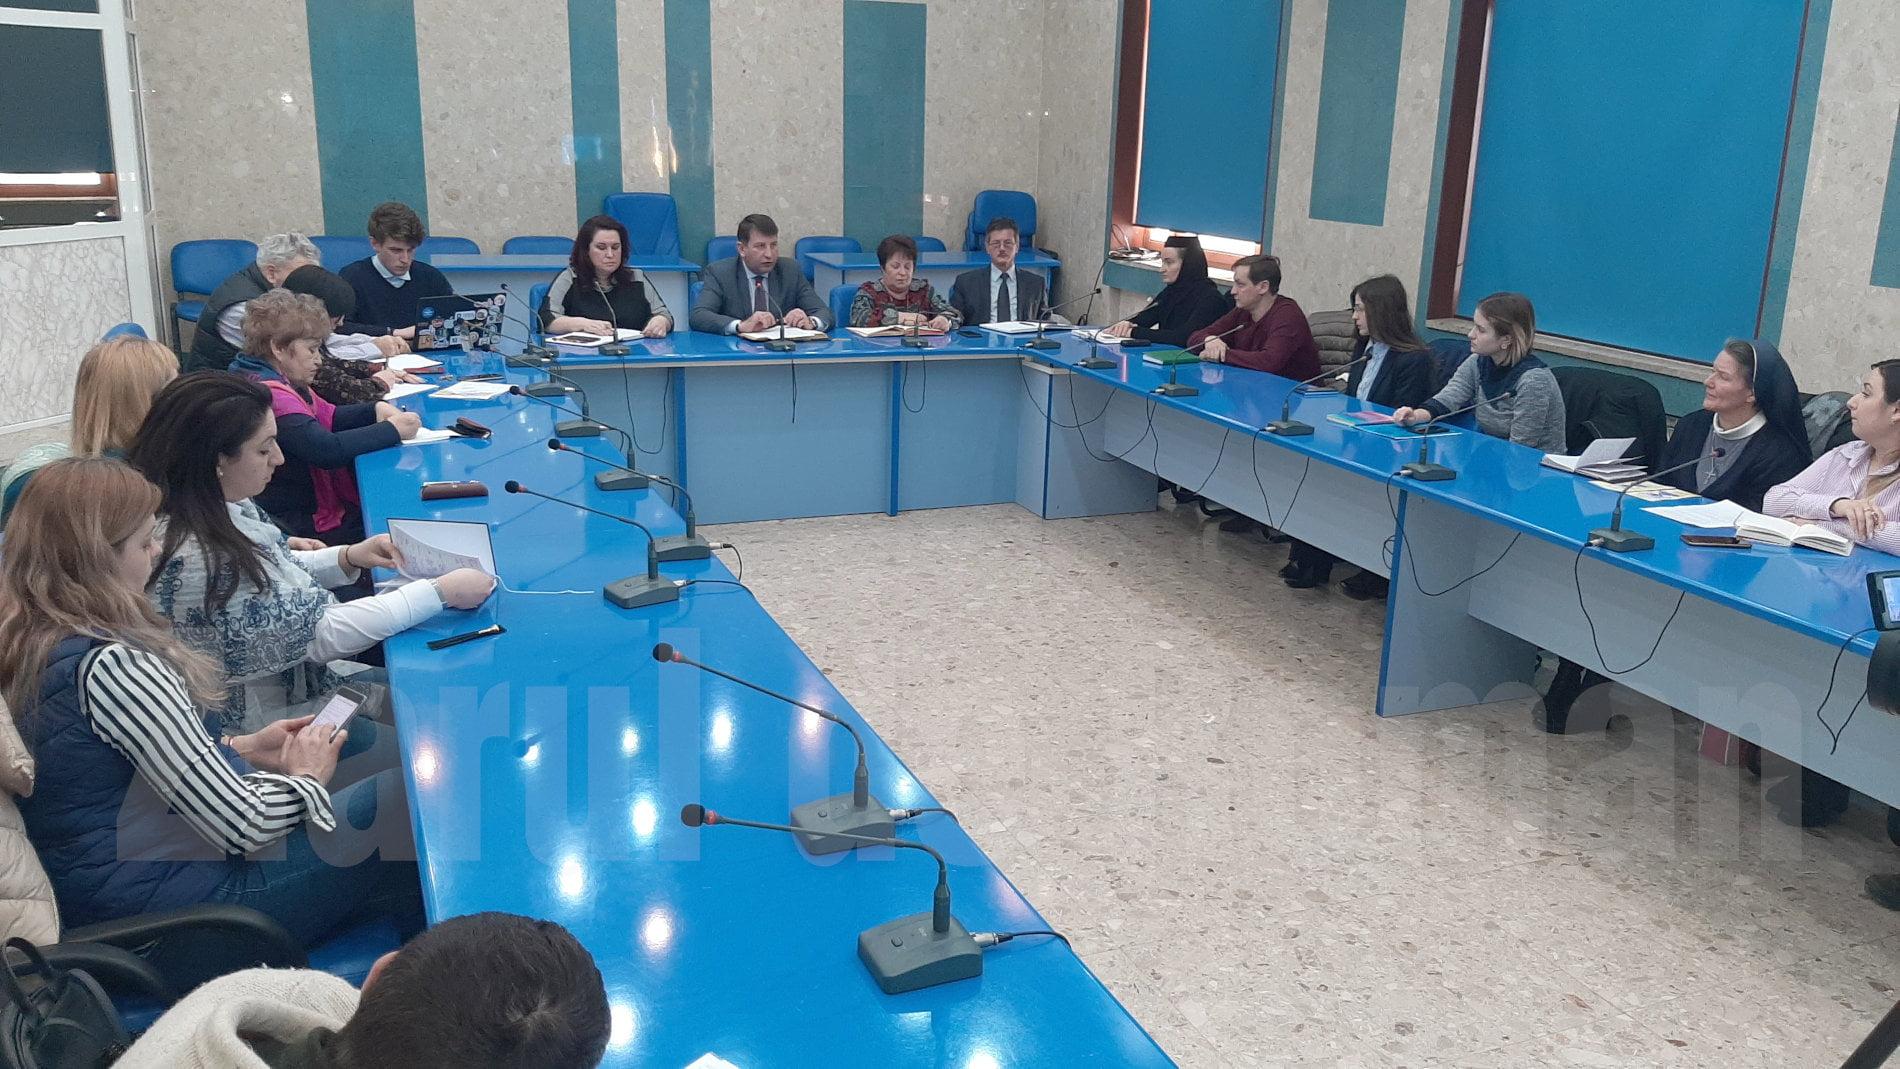 Gală a ONG-urilor pentru încurajarea sponsorizărilor și crearea de noi proiecte de voluntariat